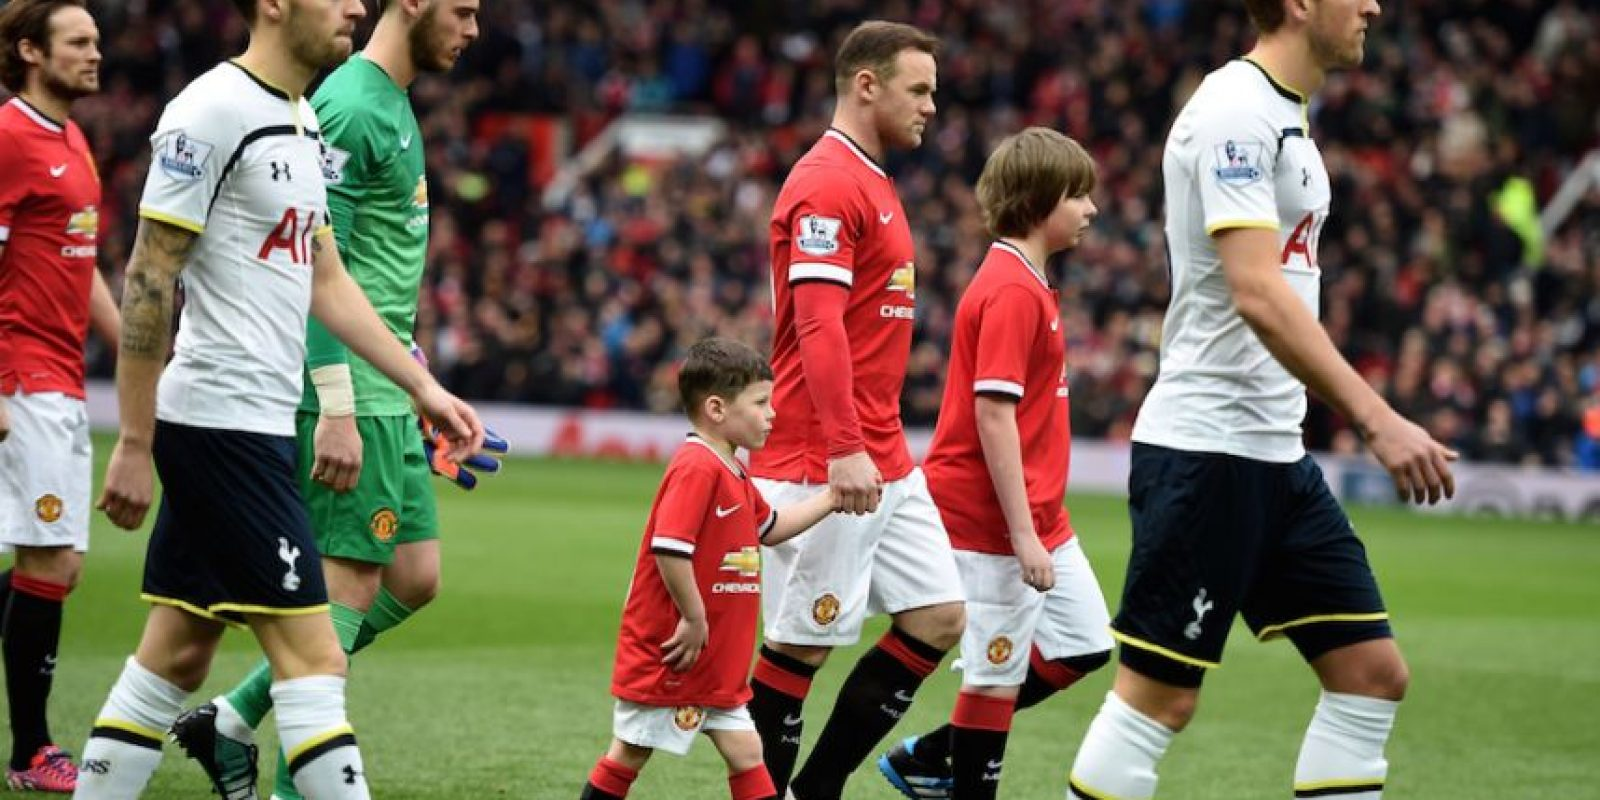 Kai fue mascota en el pasado encuentro del Manchester United. Foto:Getty Images